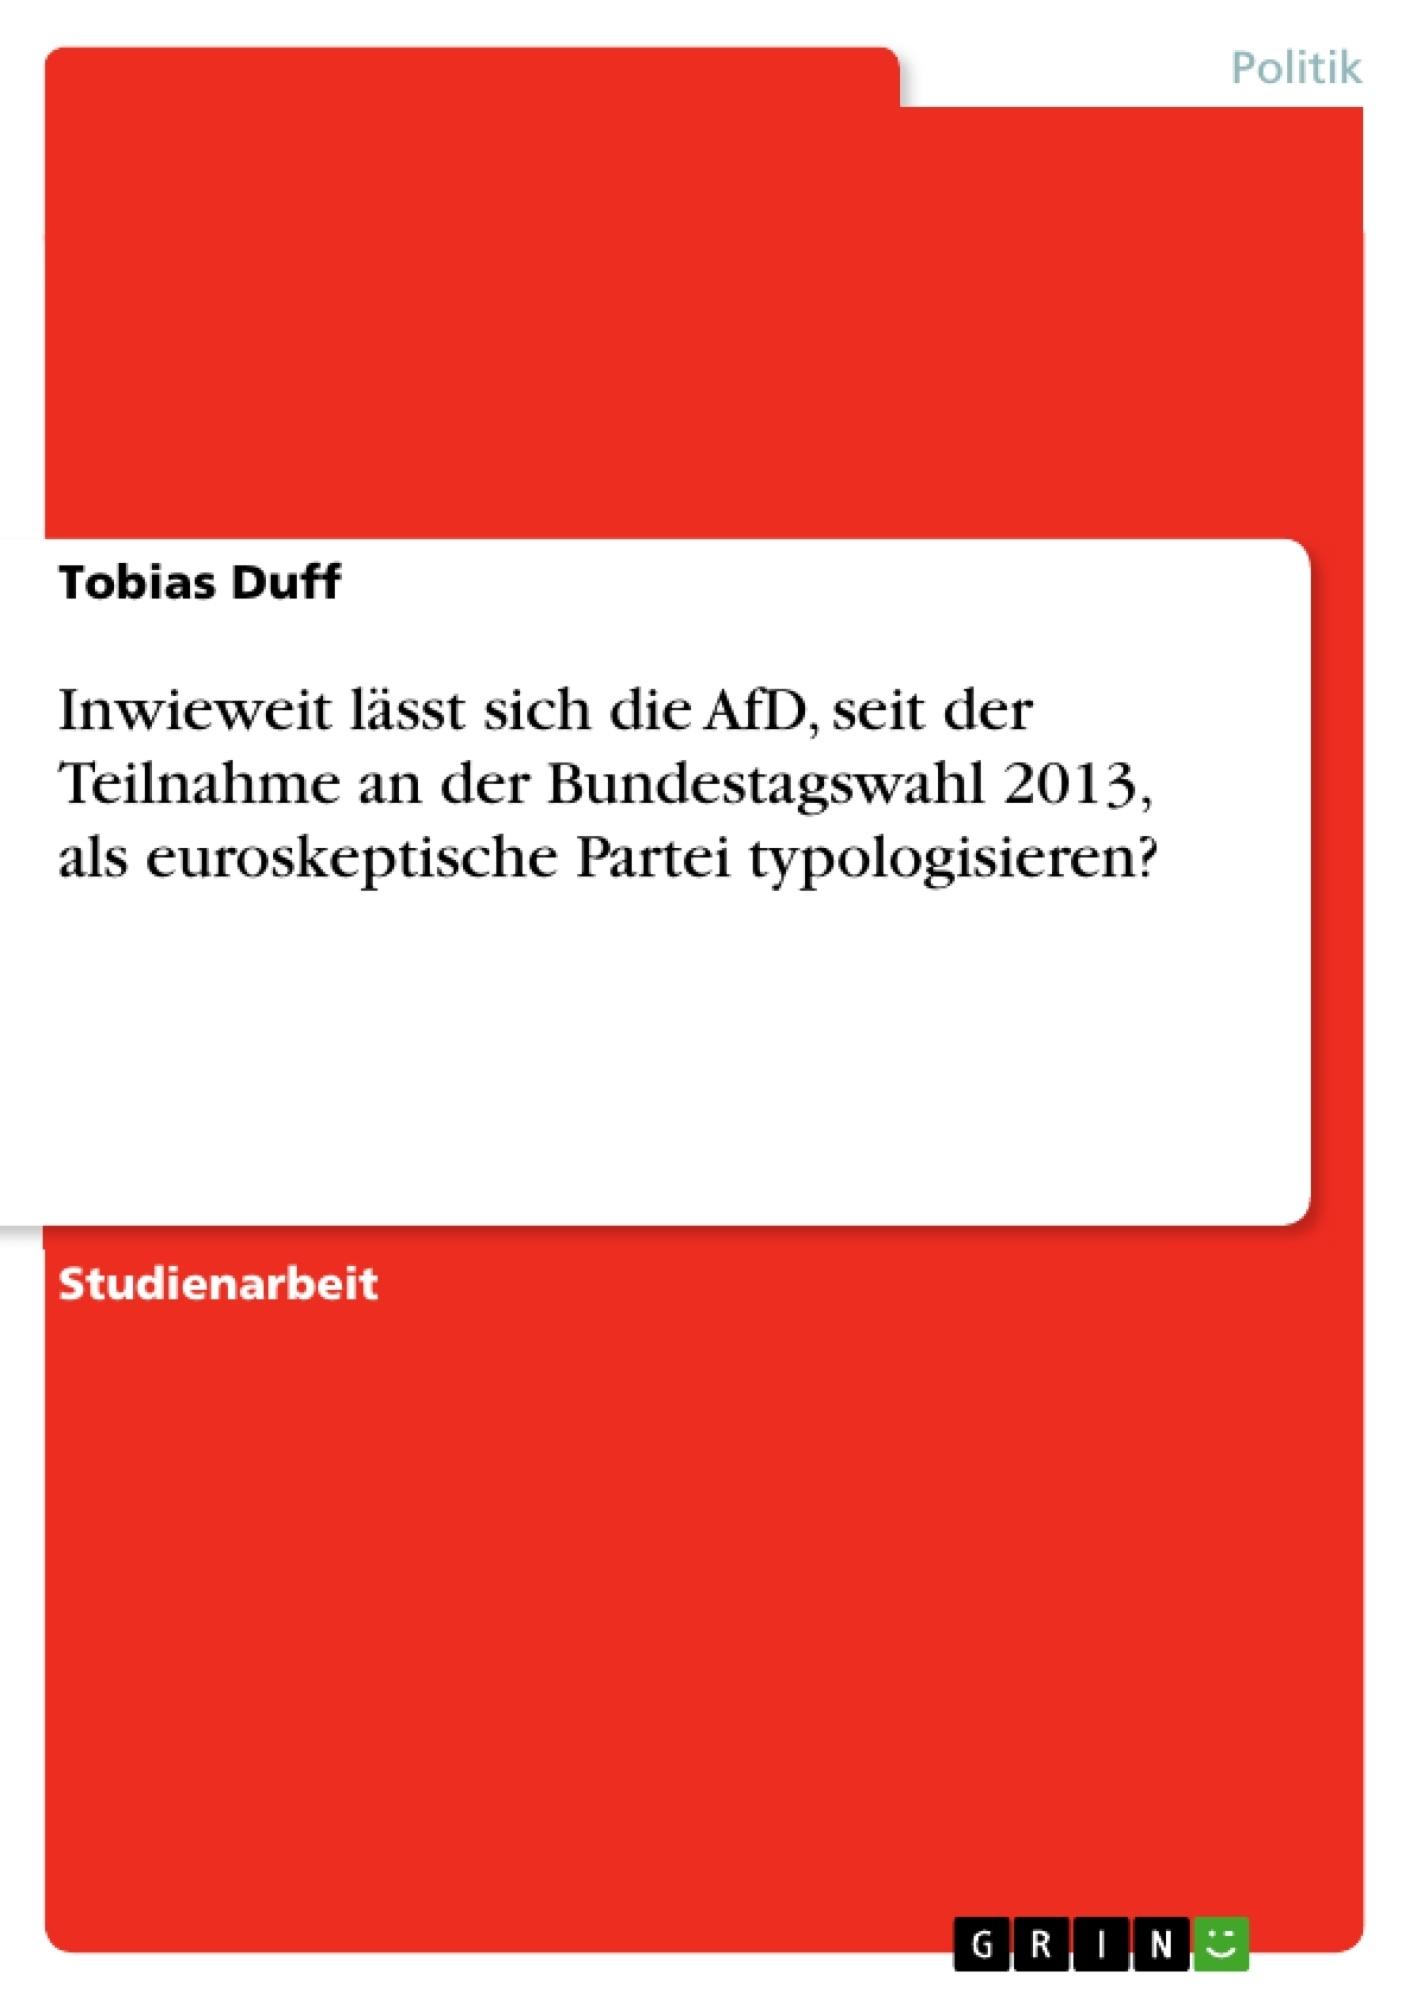 Titel: Inwieweit lässt sich die AfD, seit der Teilnahme an der Bundestagswahl 2013, als euroskeptische Partei typologisieren?